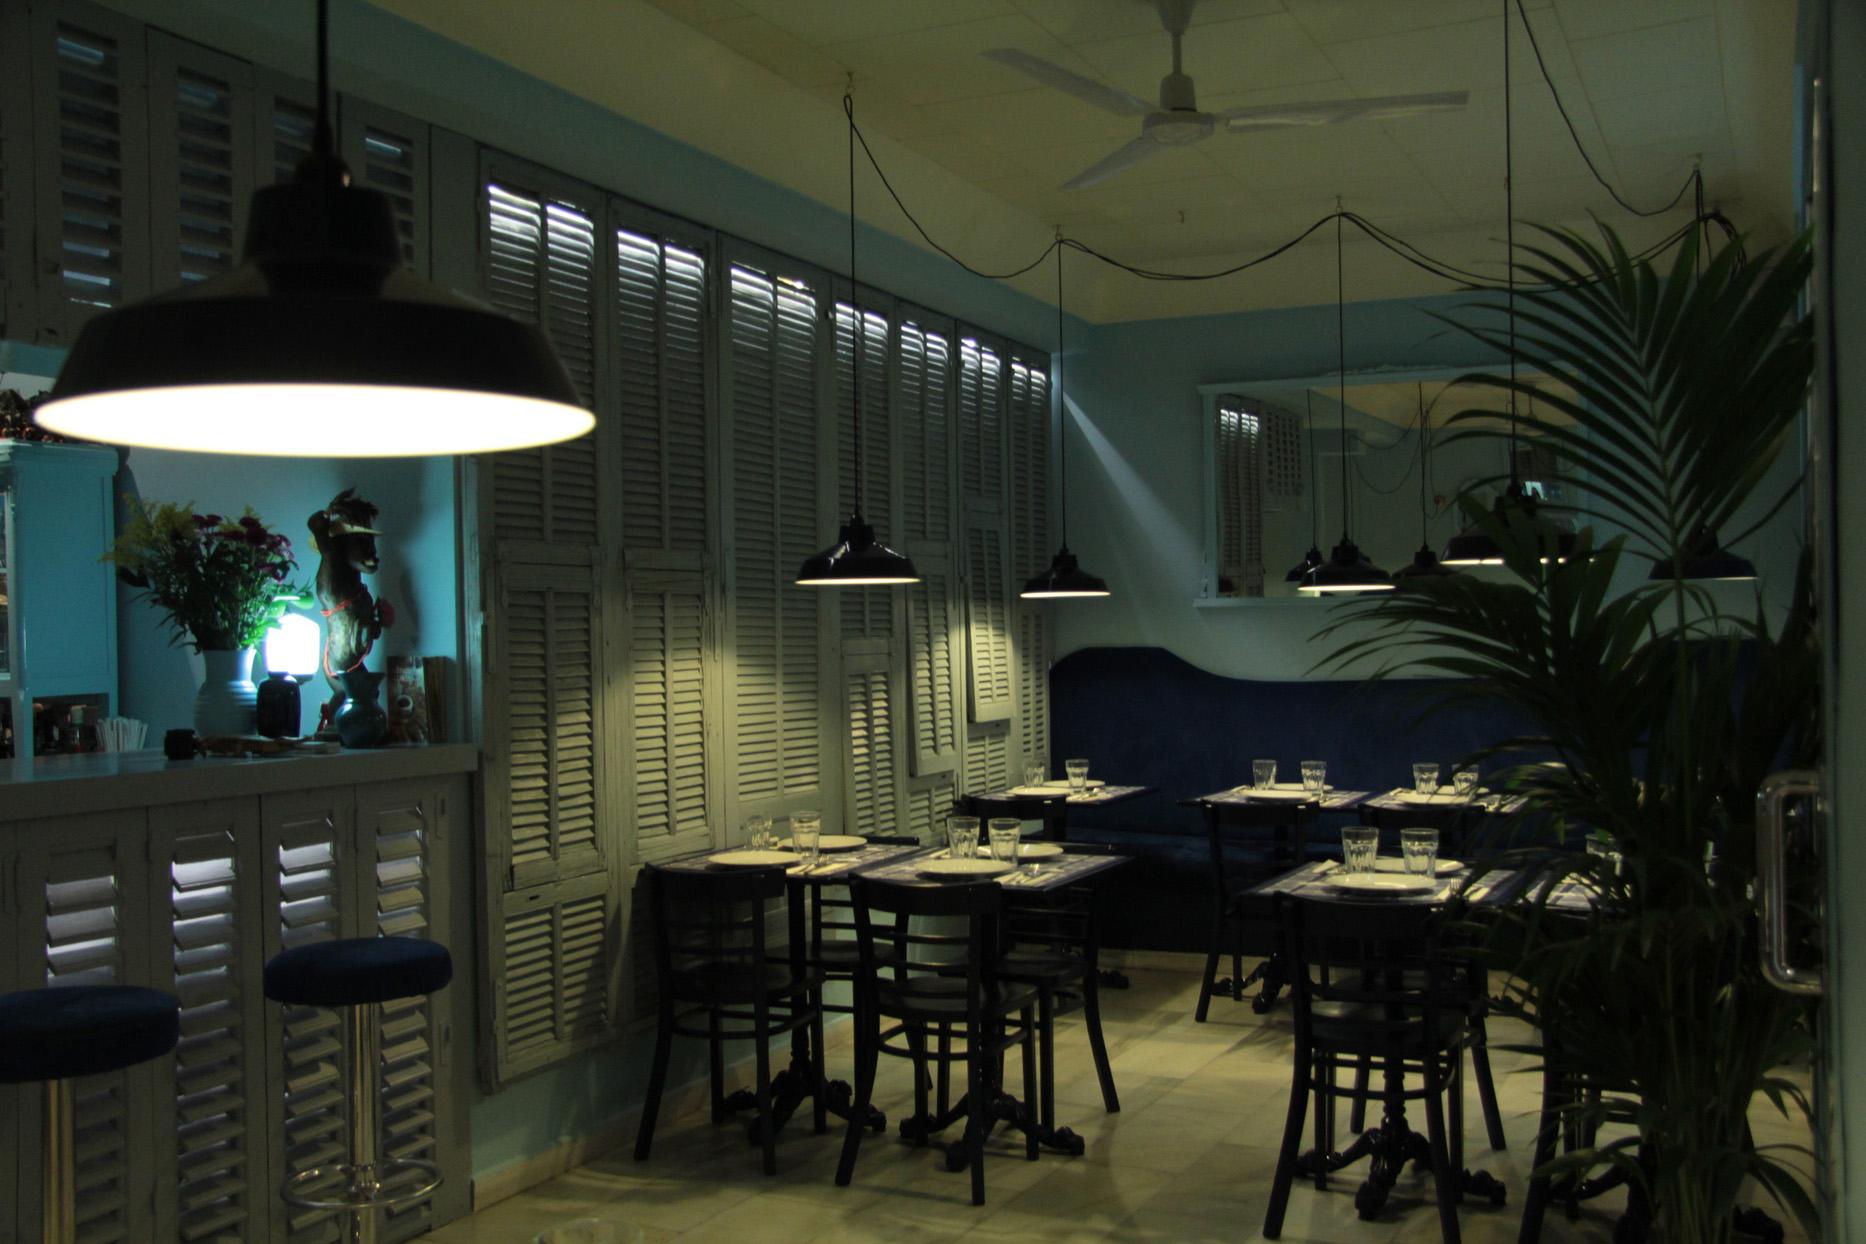 restaurante-gumbo-new-orleans-cajun-galeria-2